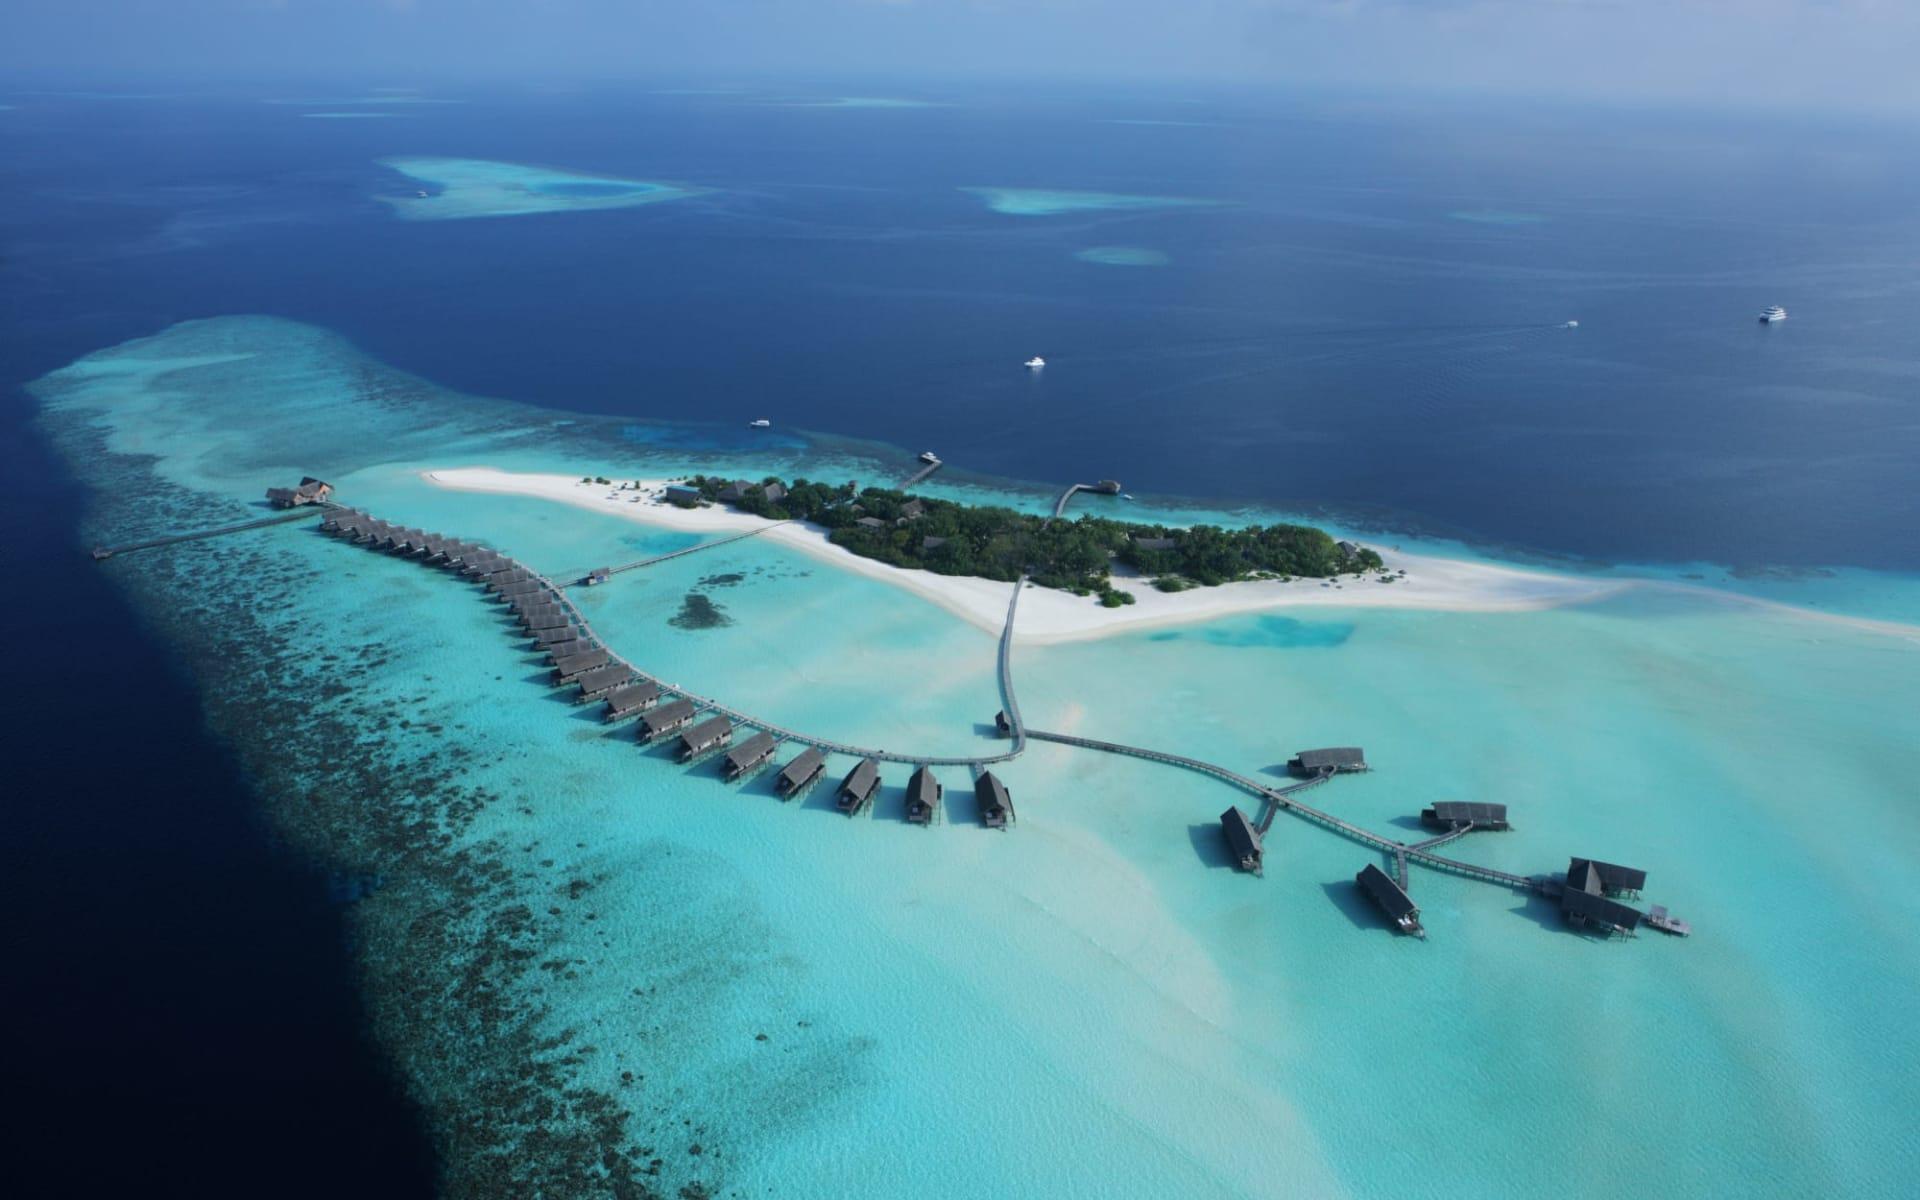 COMO Cocoa Island in Südmale-Atoll:  COMO Cocoa Island